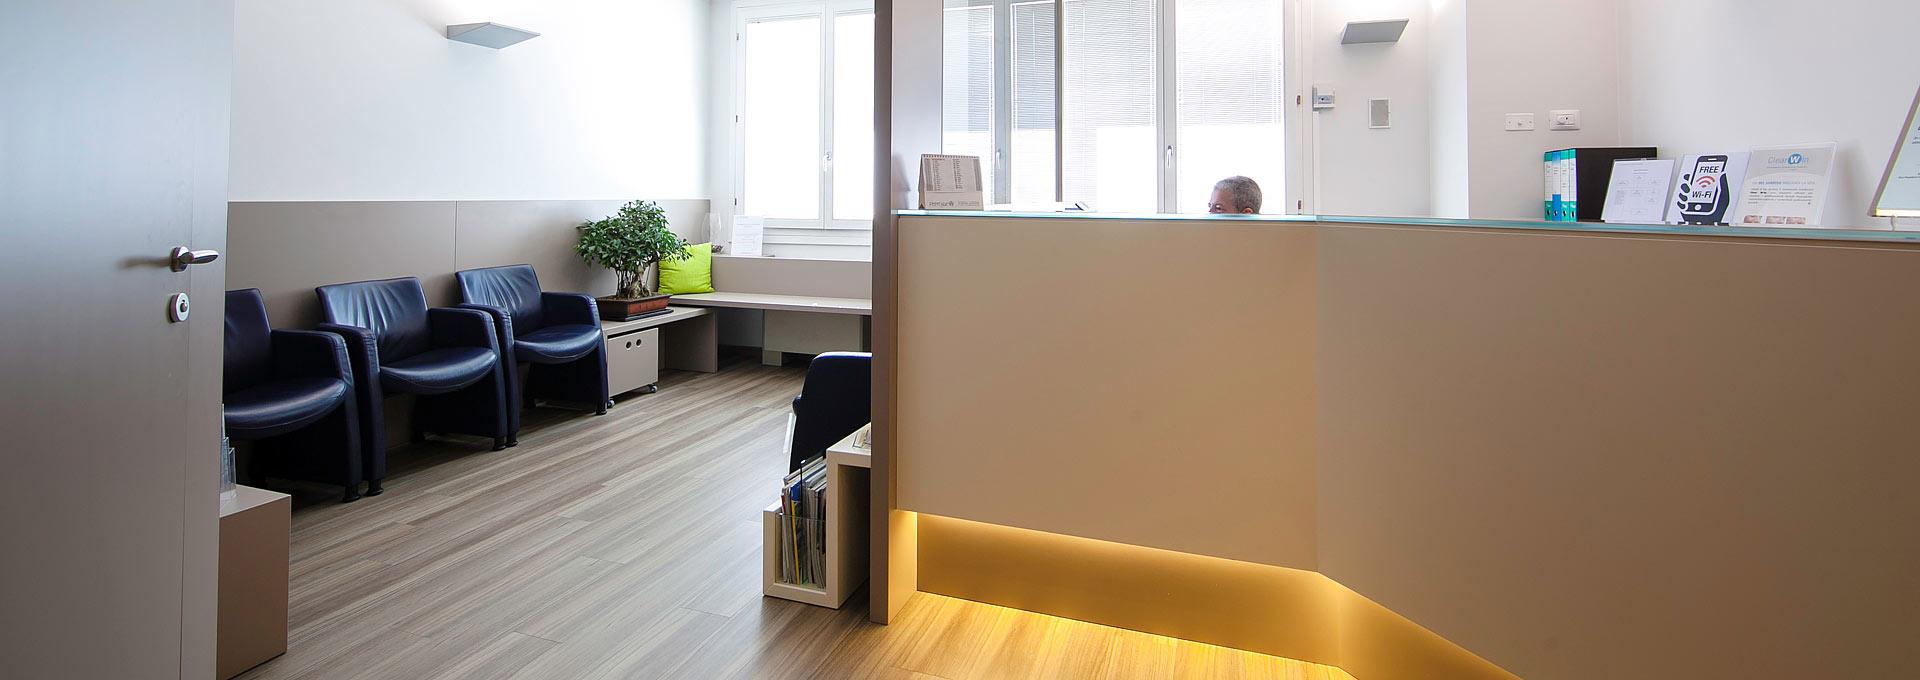 Studio dentistico a Verona | Studio dentistico Muraro 3